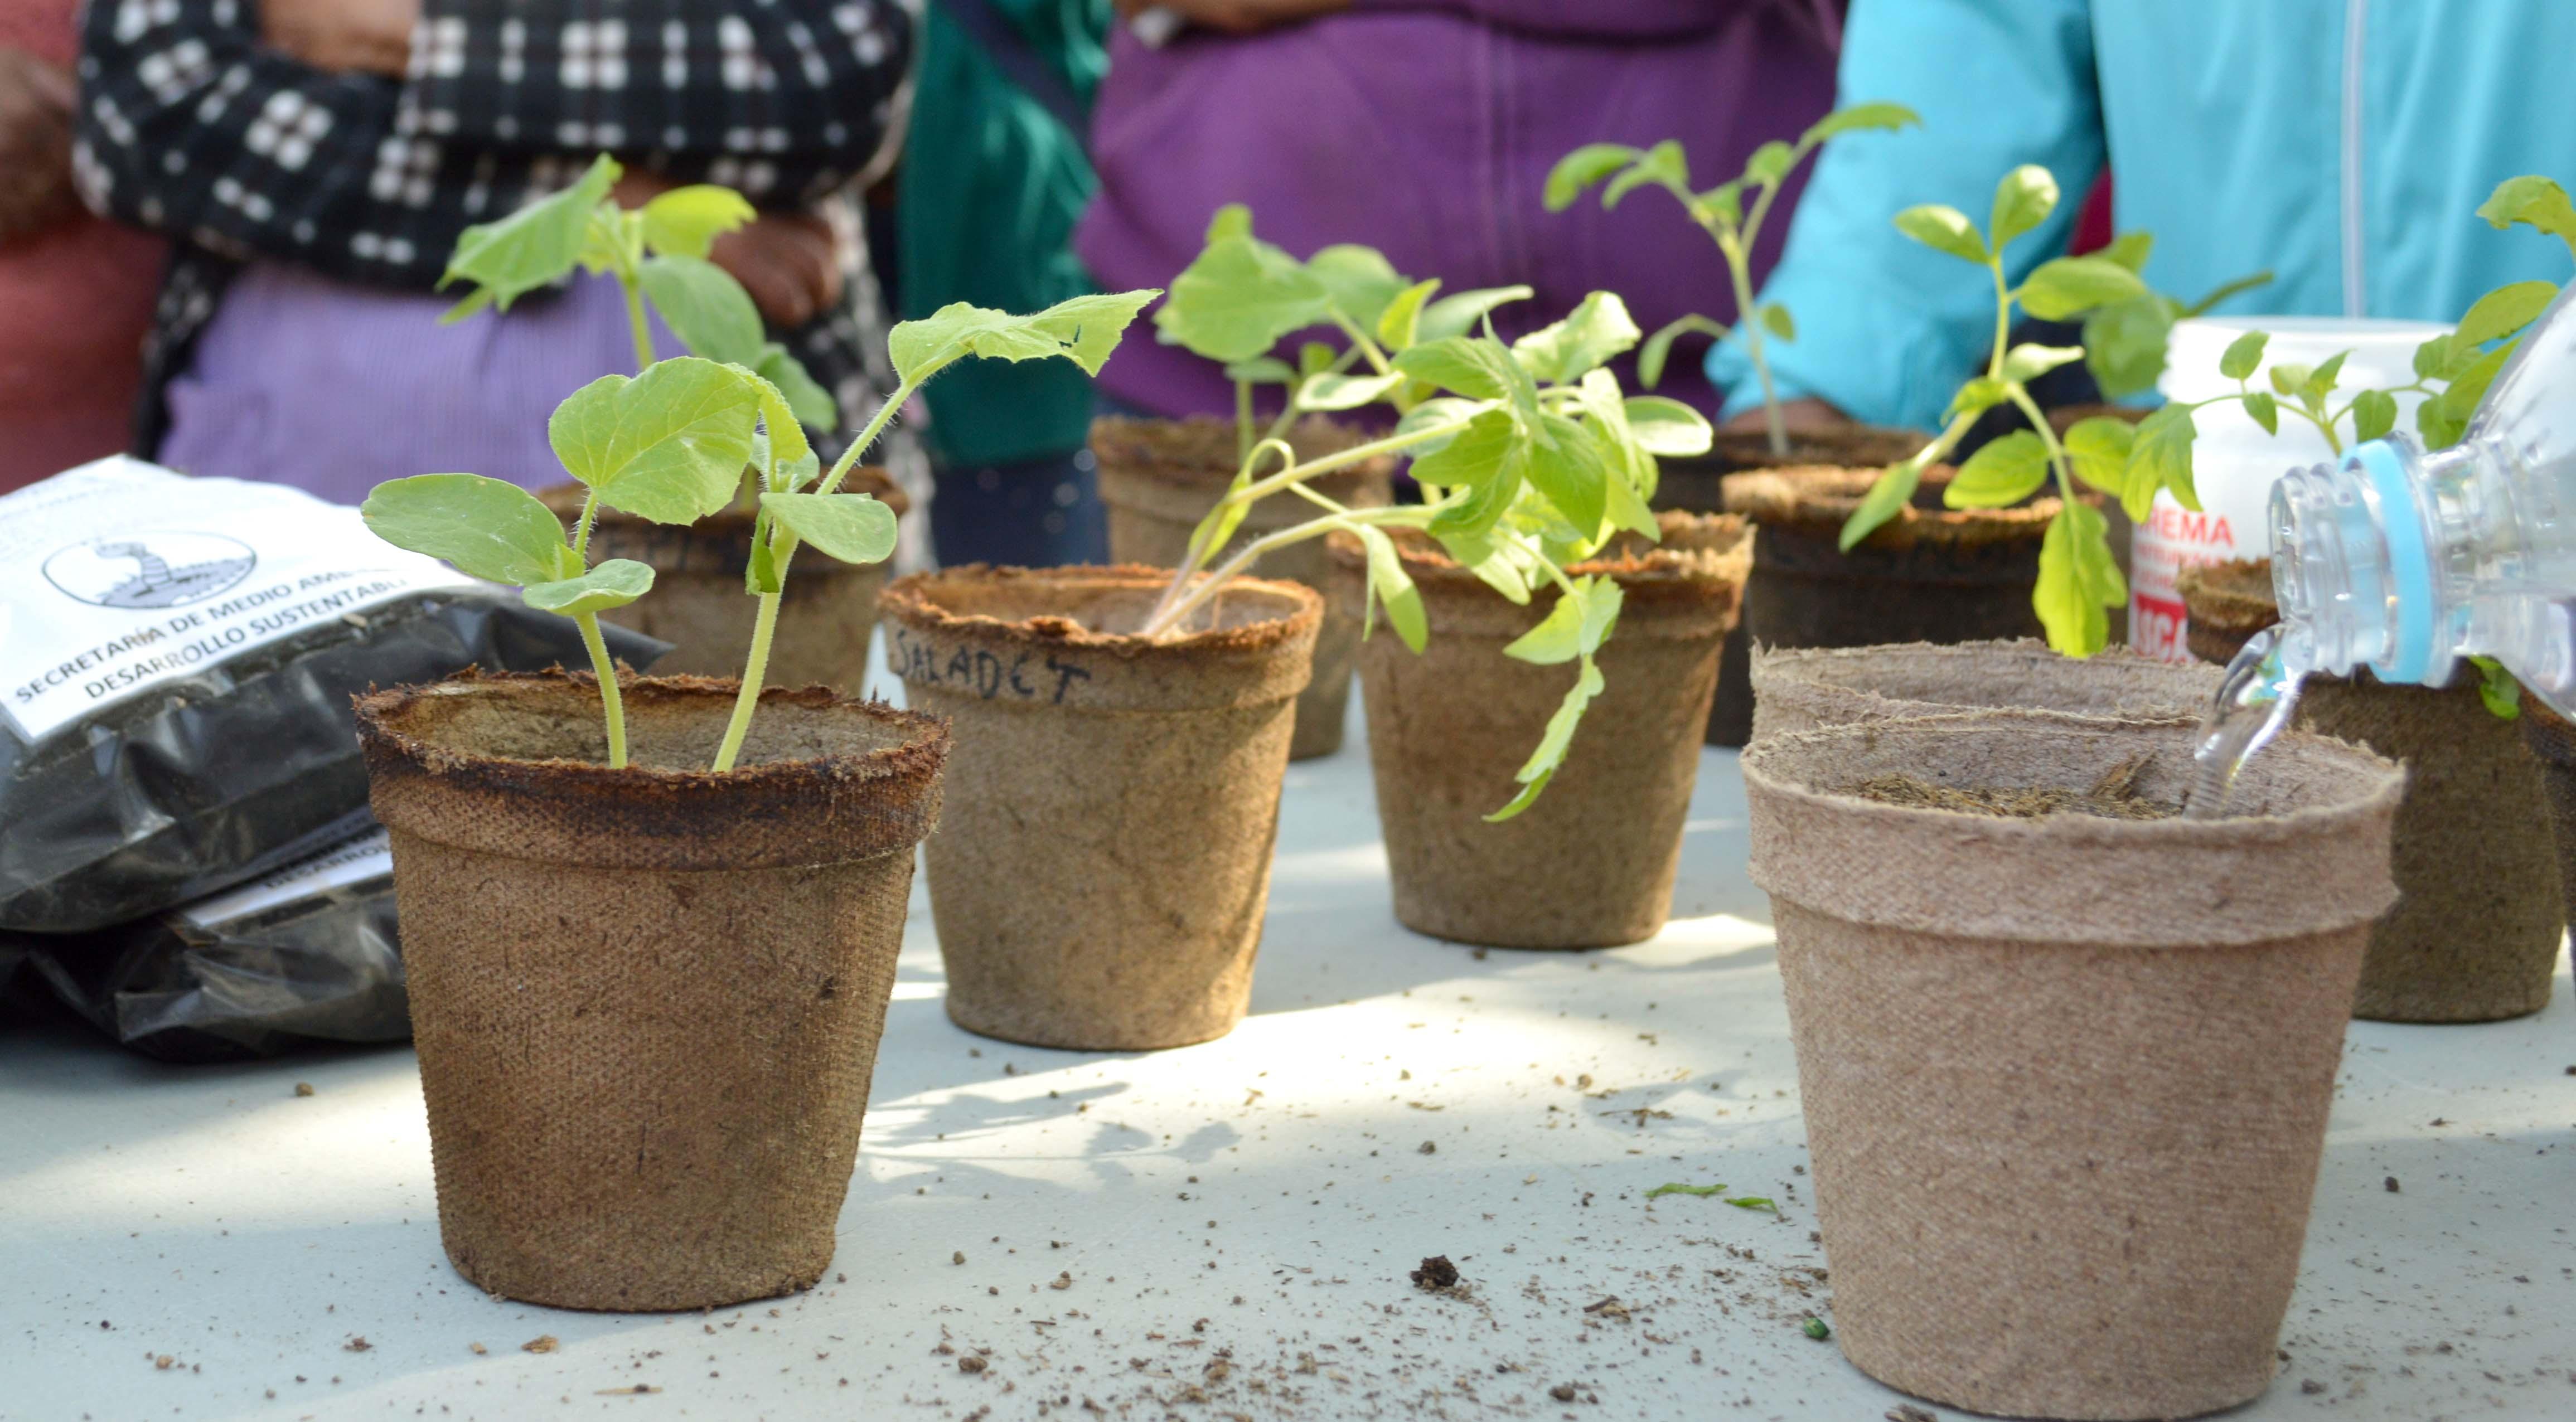 Integran al Jardín Didáctico área verde de material reciclado